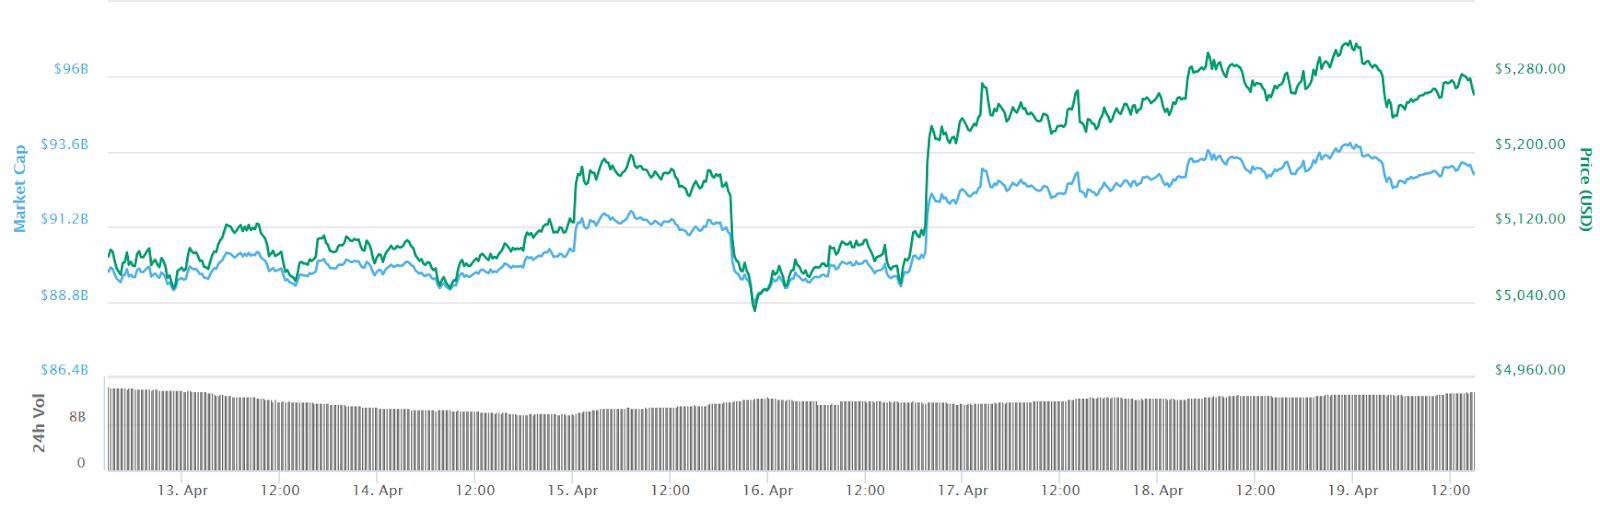 valore di quota di mercato bitcoin